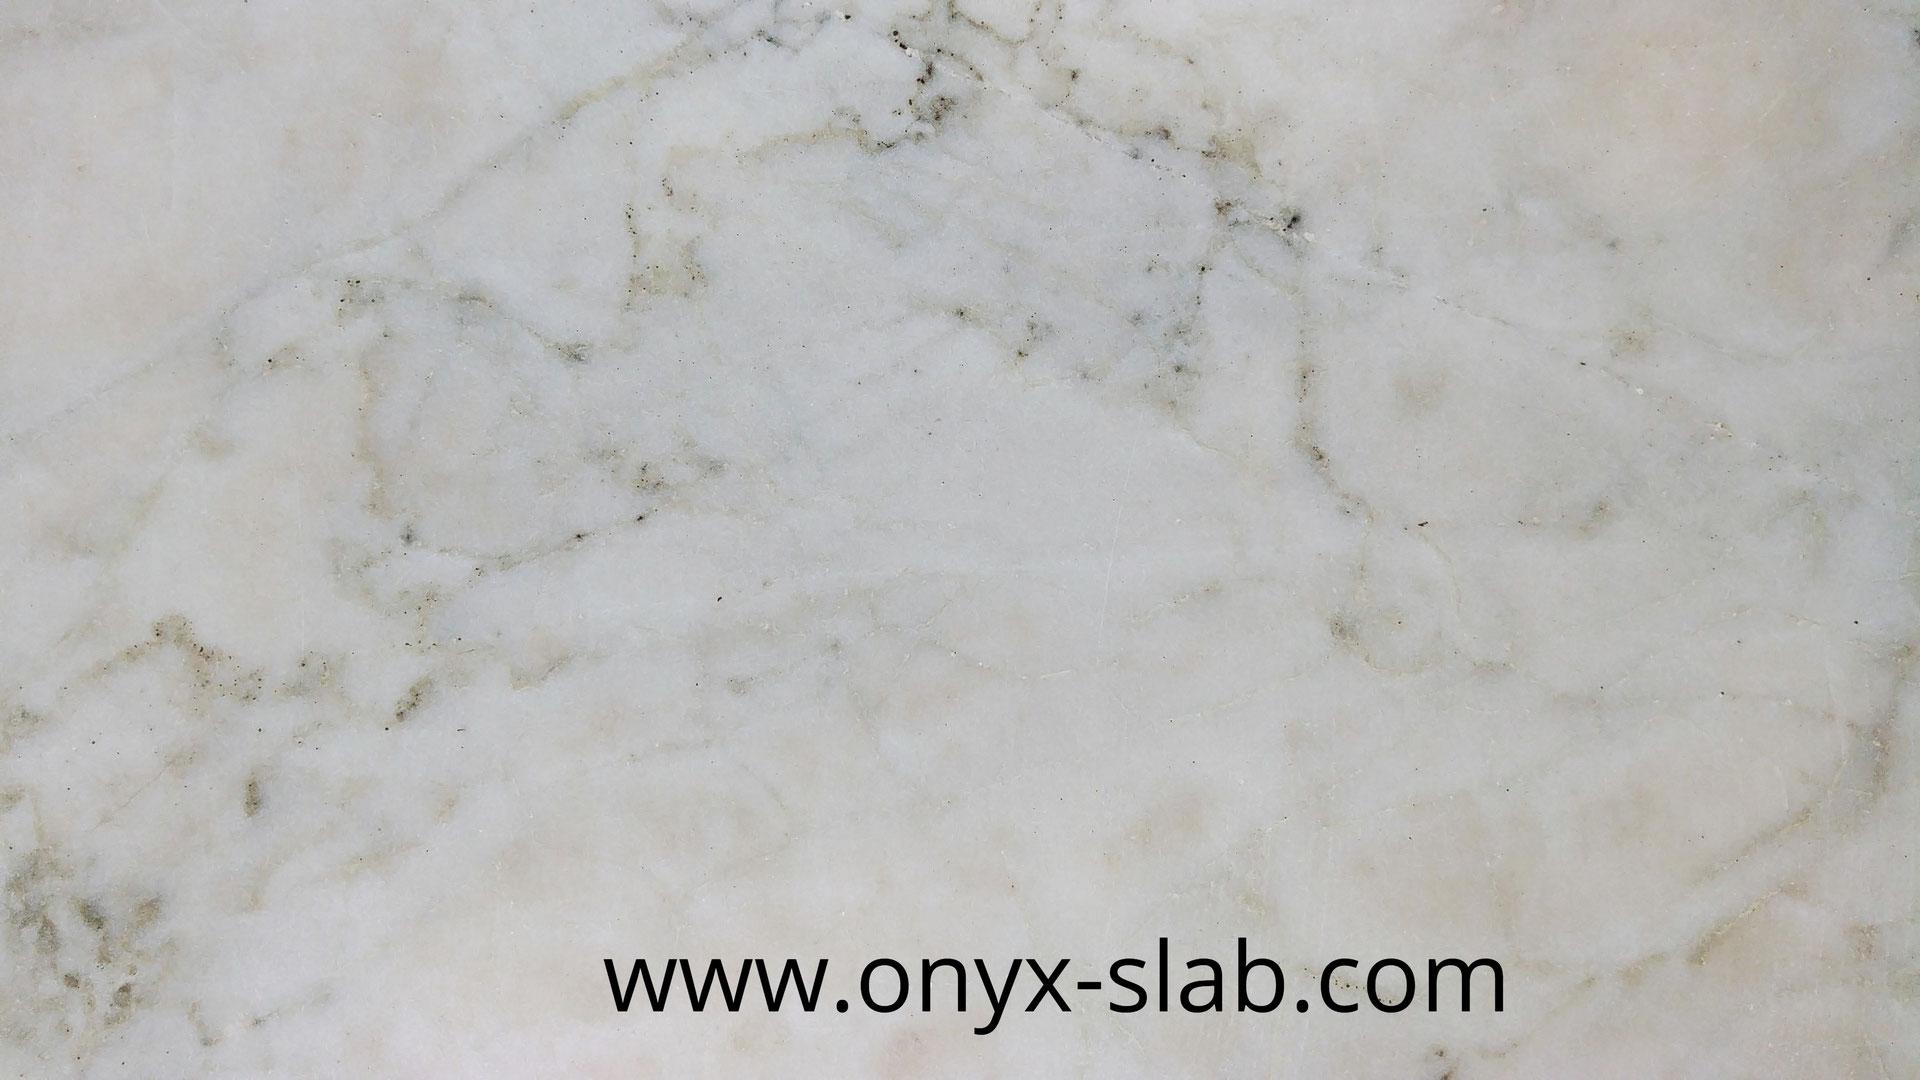 Carrara White Marble Slabs Onyx Slabs Onyx Blocks